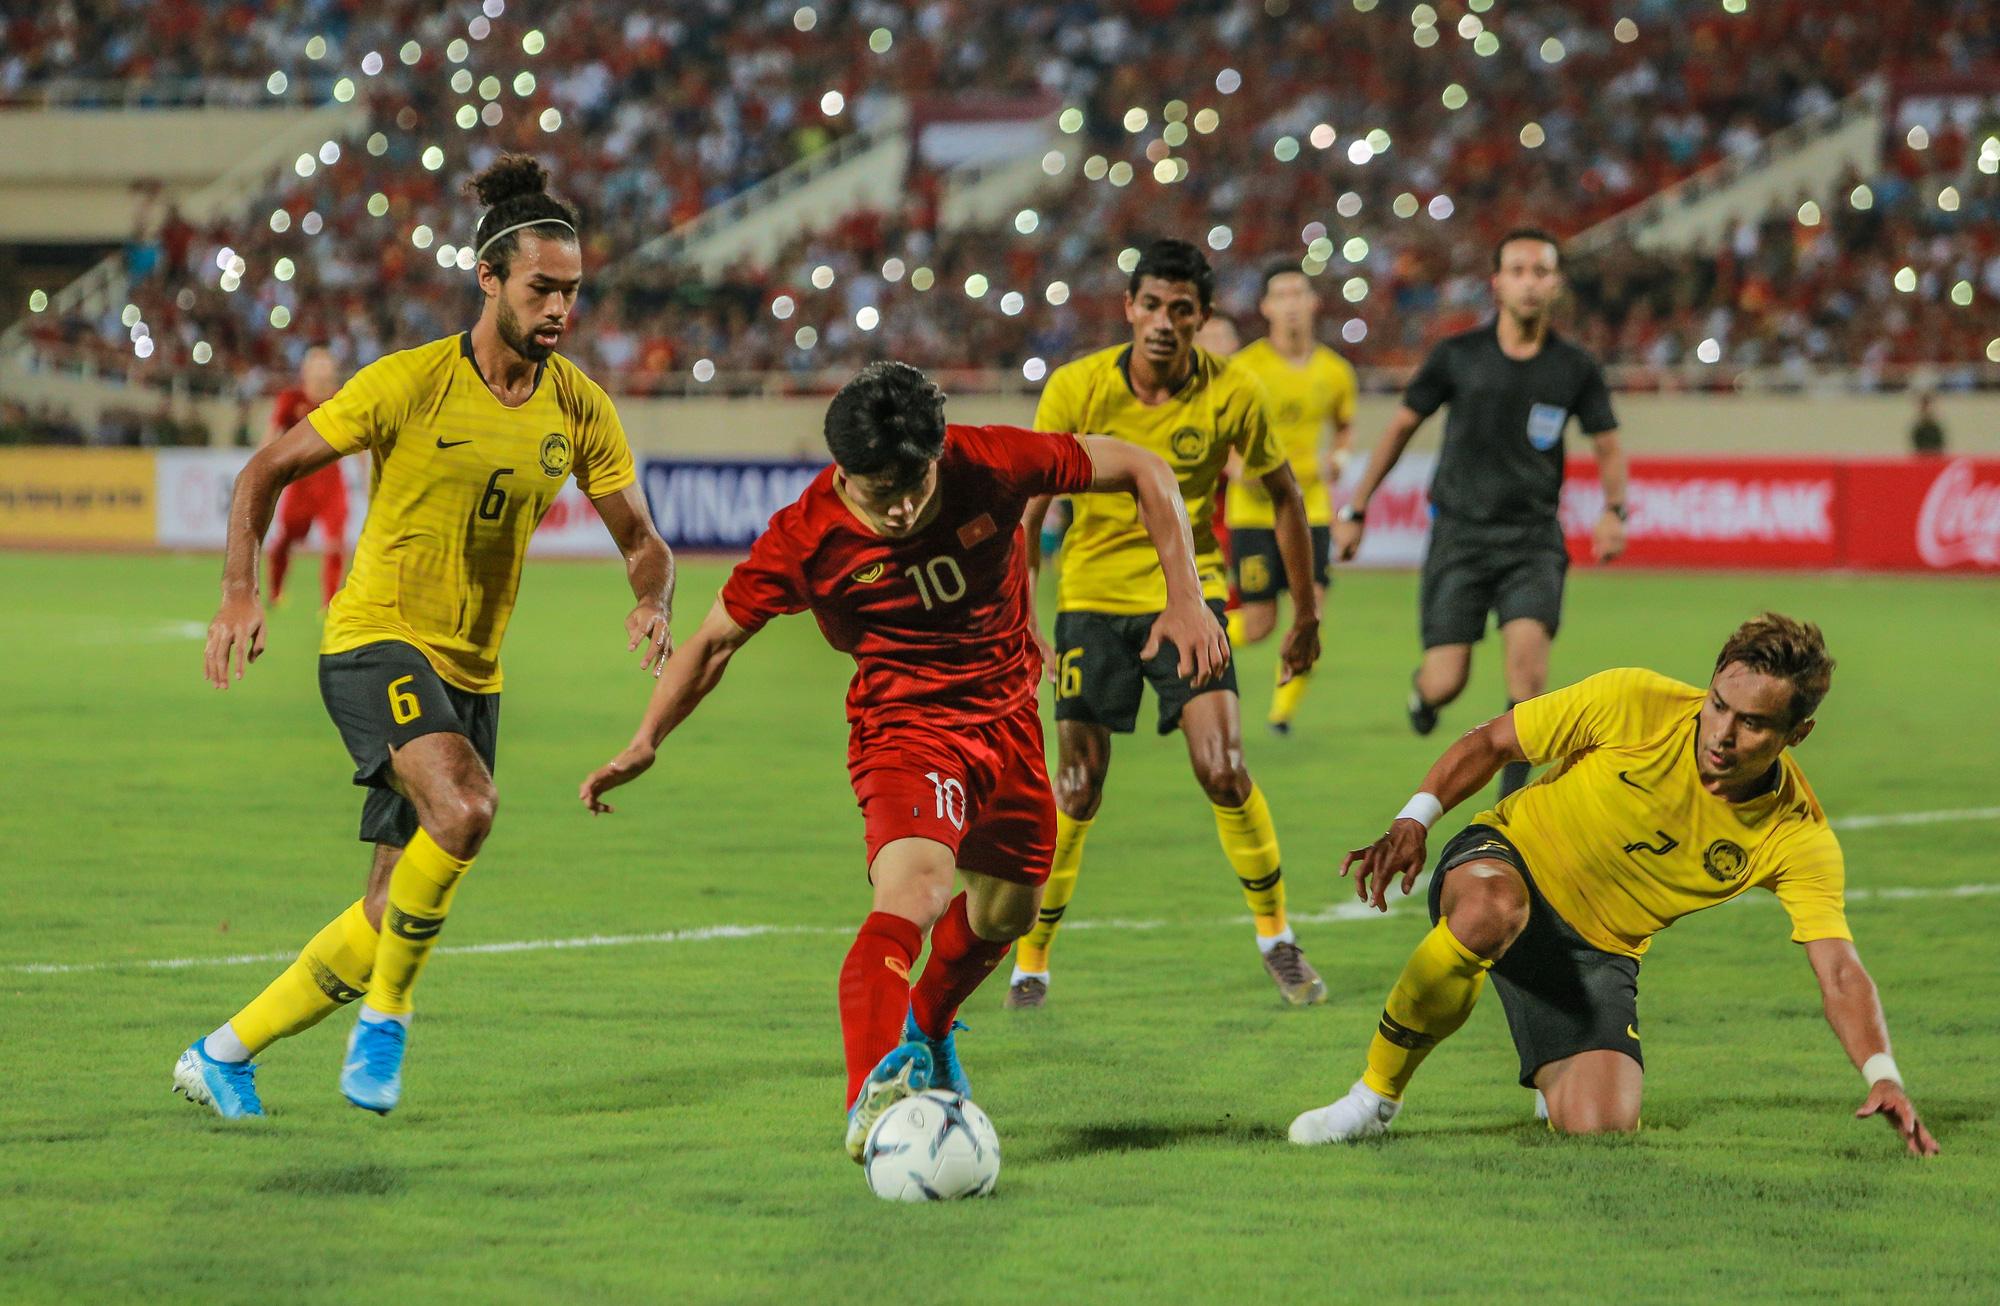 AFC công bố lịch đá Vòng loại World Cup 2022 của tuyển Việt Nam - Báo Người  lao động